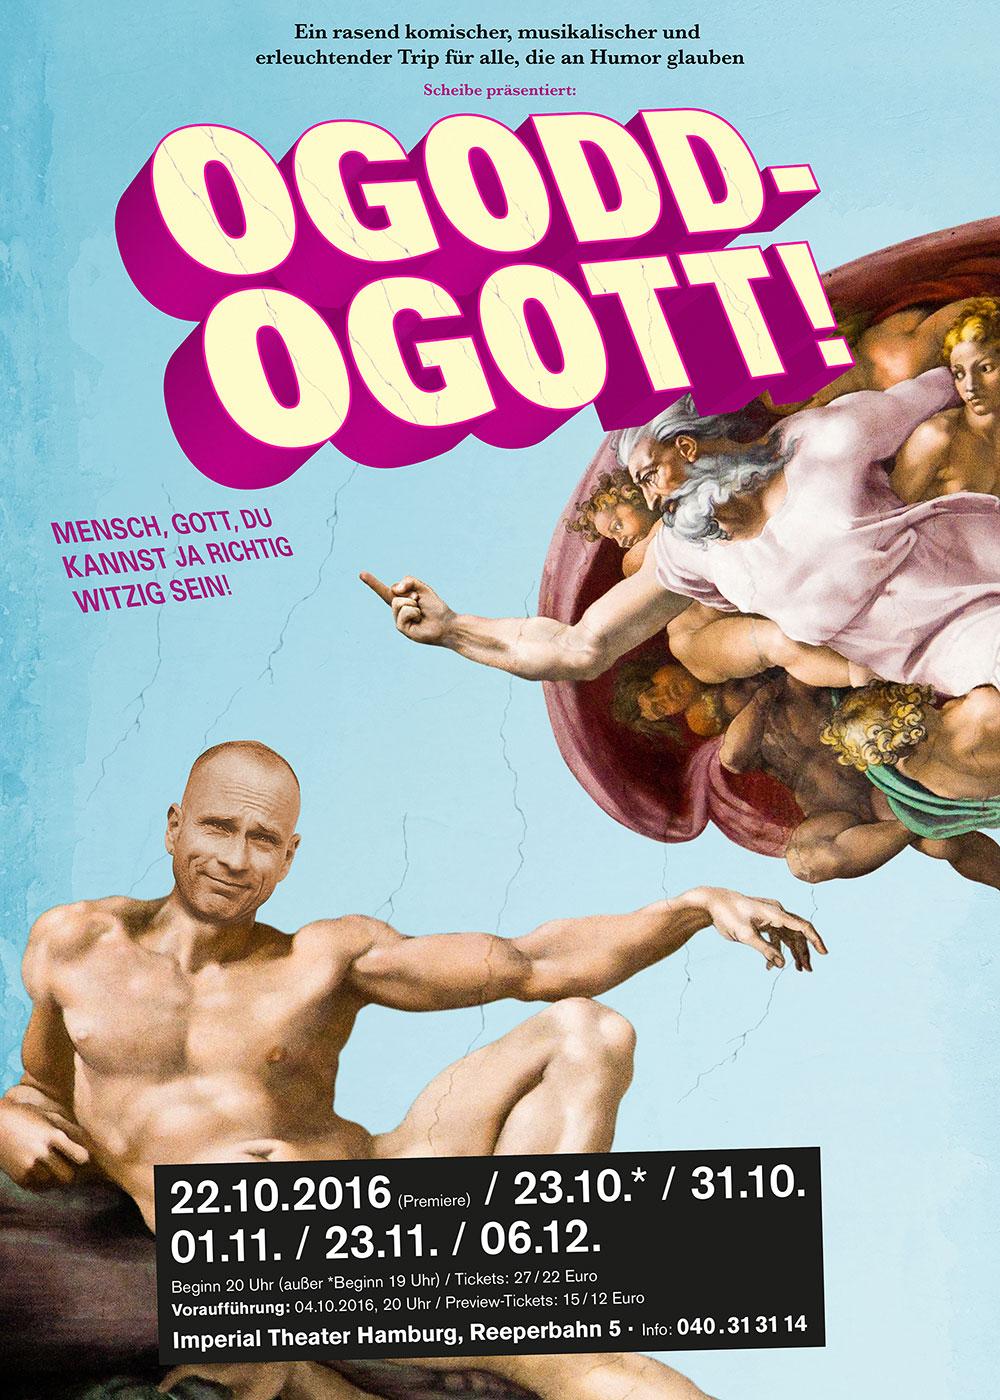 Flyerbild OGODDOGOTT